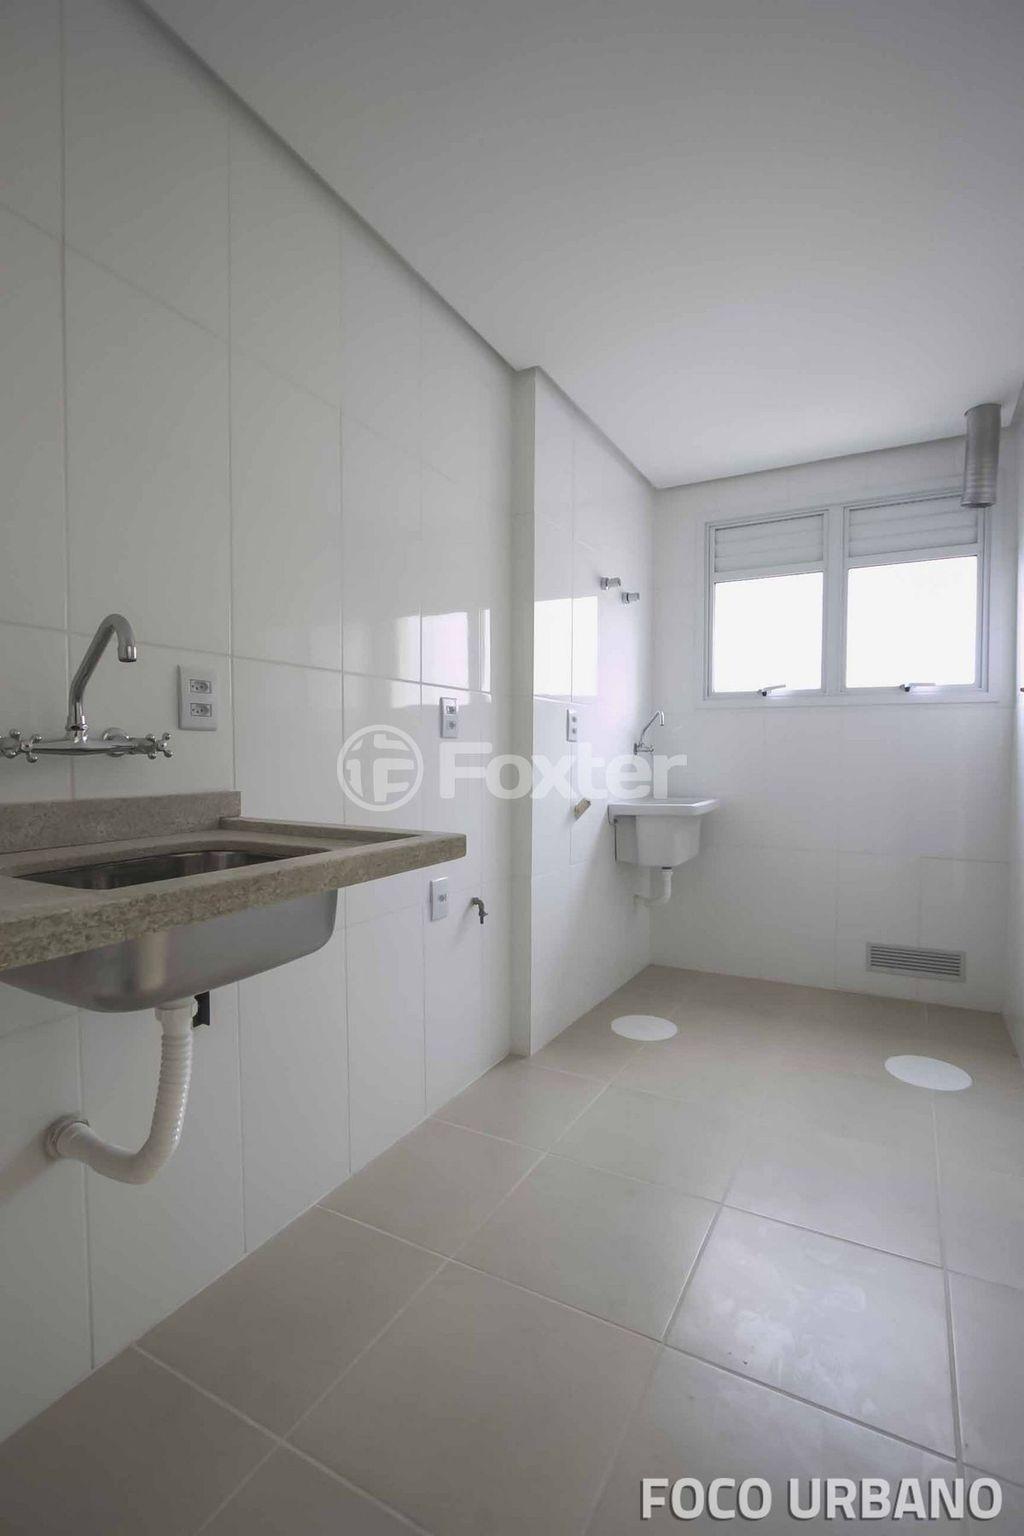 Foxter Imobiliária - Apto 1 Dorm, Menino Deus - Foto 12